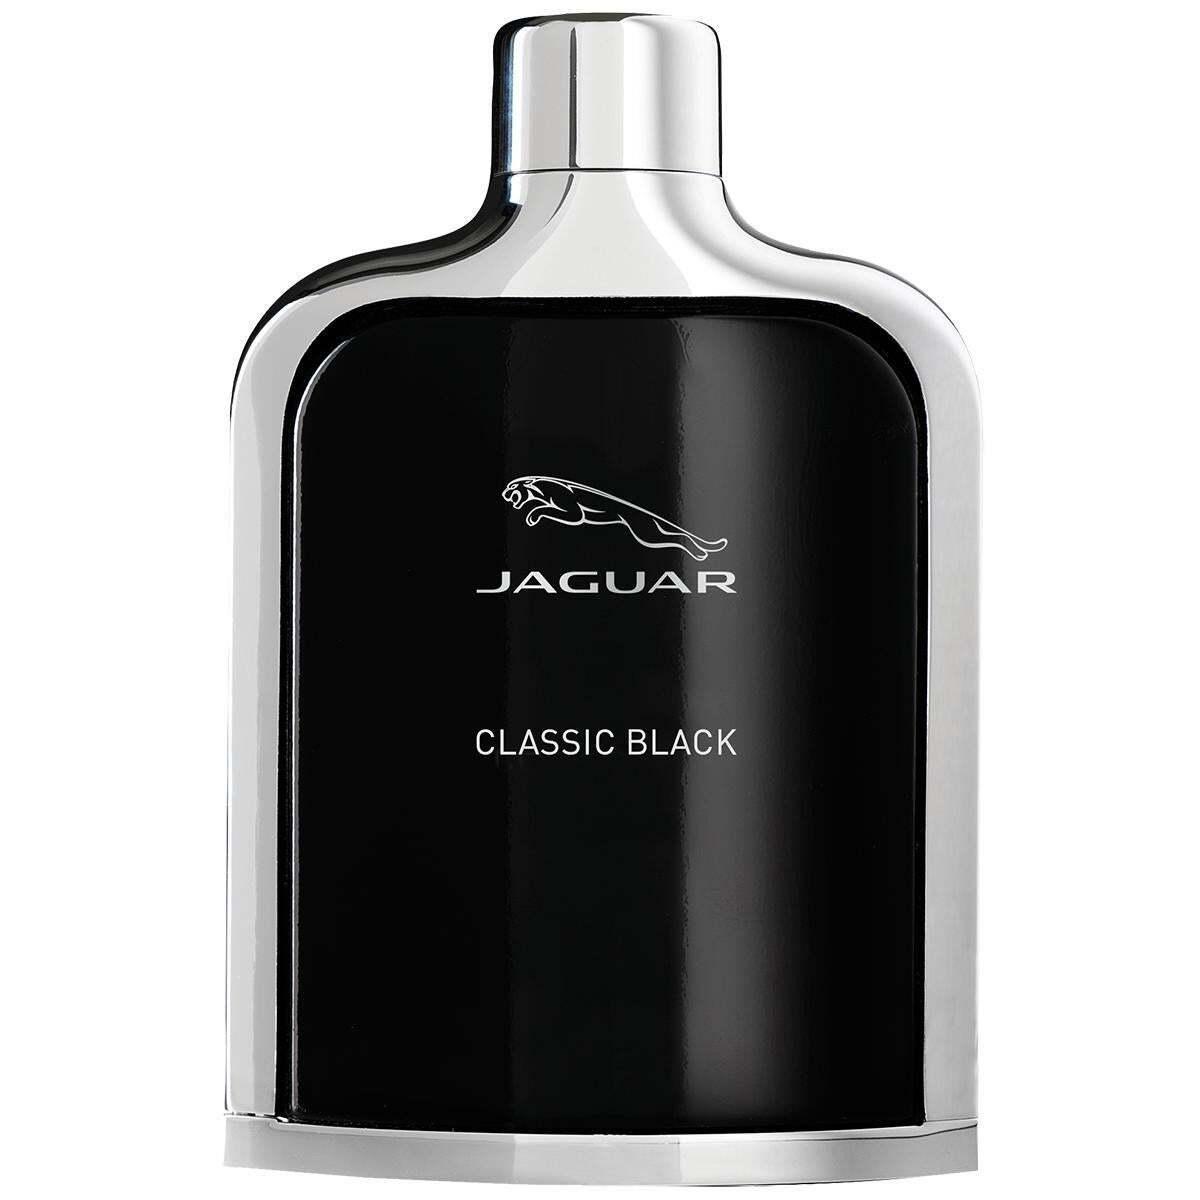 Bild 1 von Jaguar              Classic Black Eau de Toilette